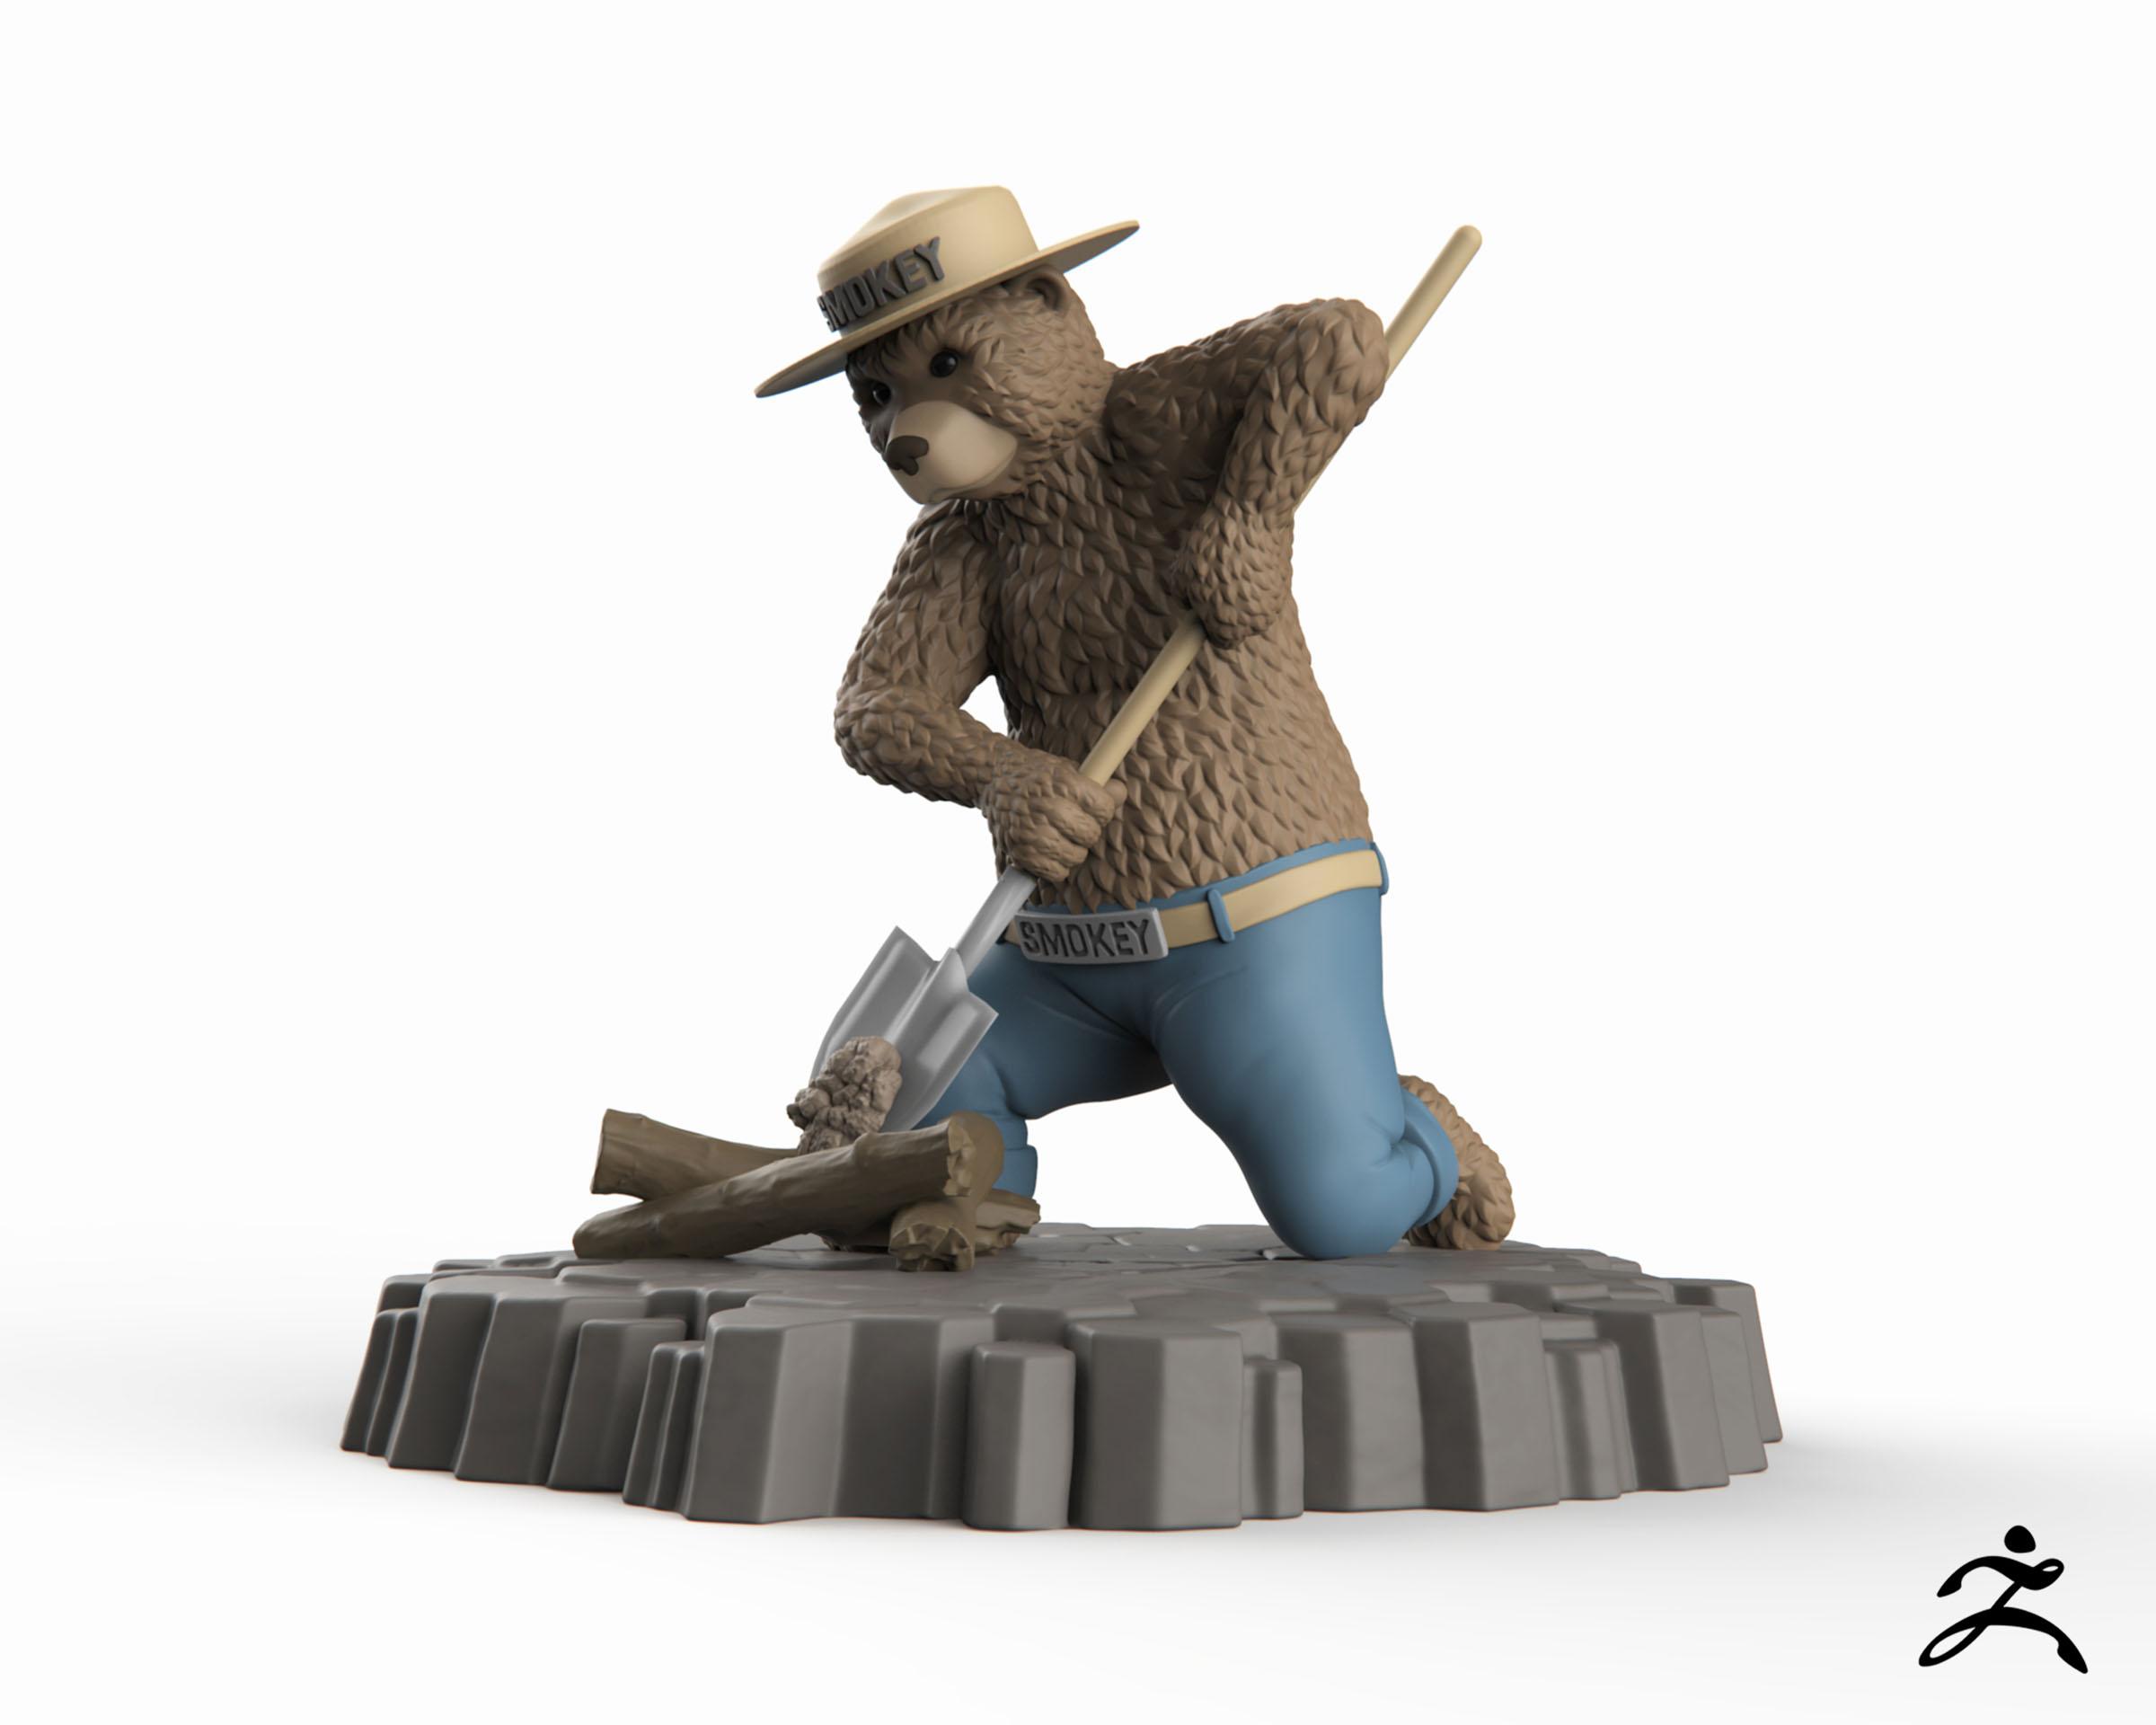 Smokey Bear Digital Sculpture